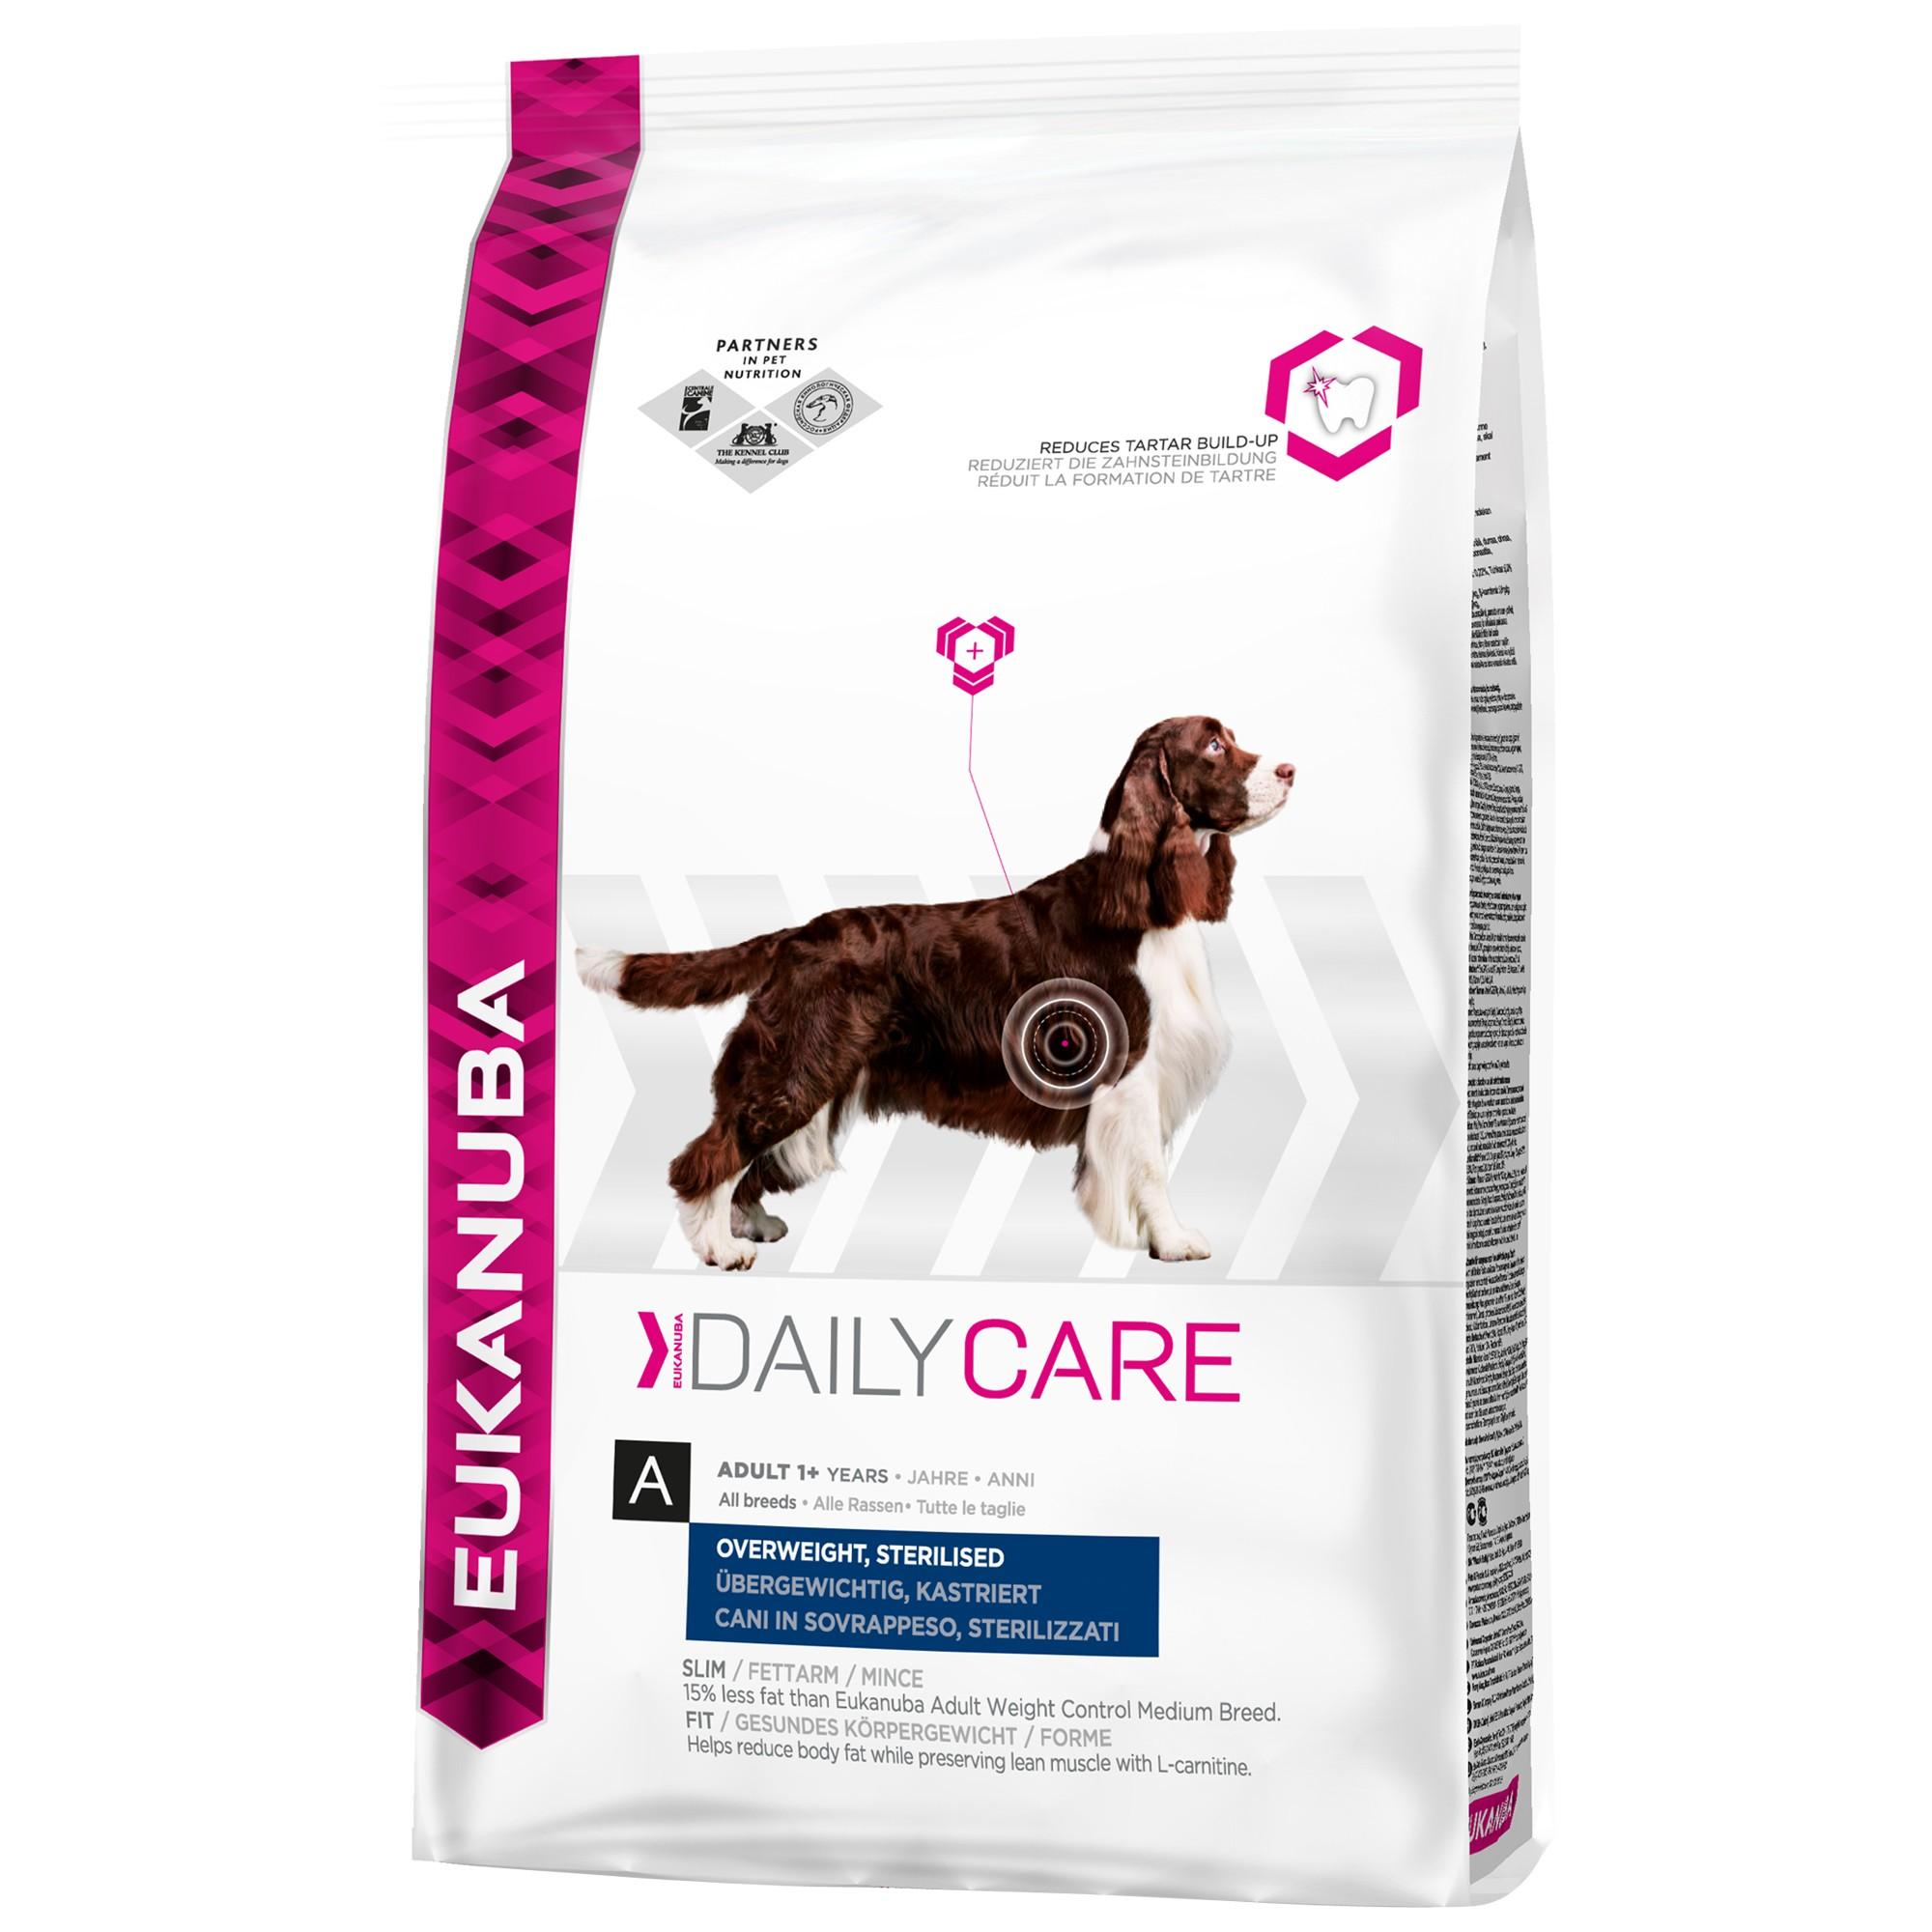 Eukanuba Daily Car Surpoids ou Stérilisé pour chien